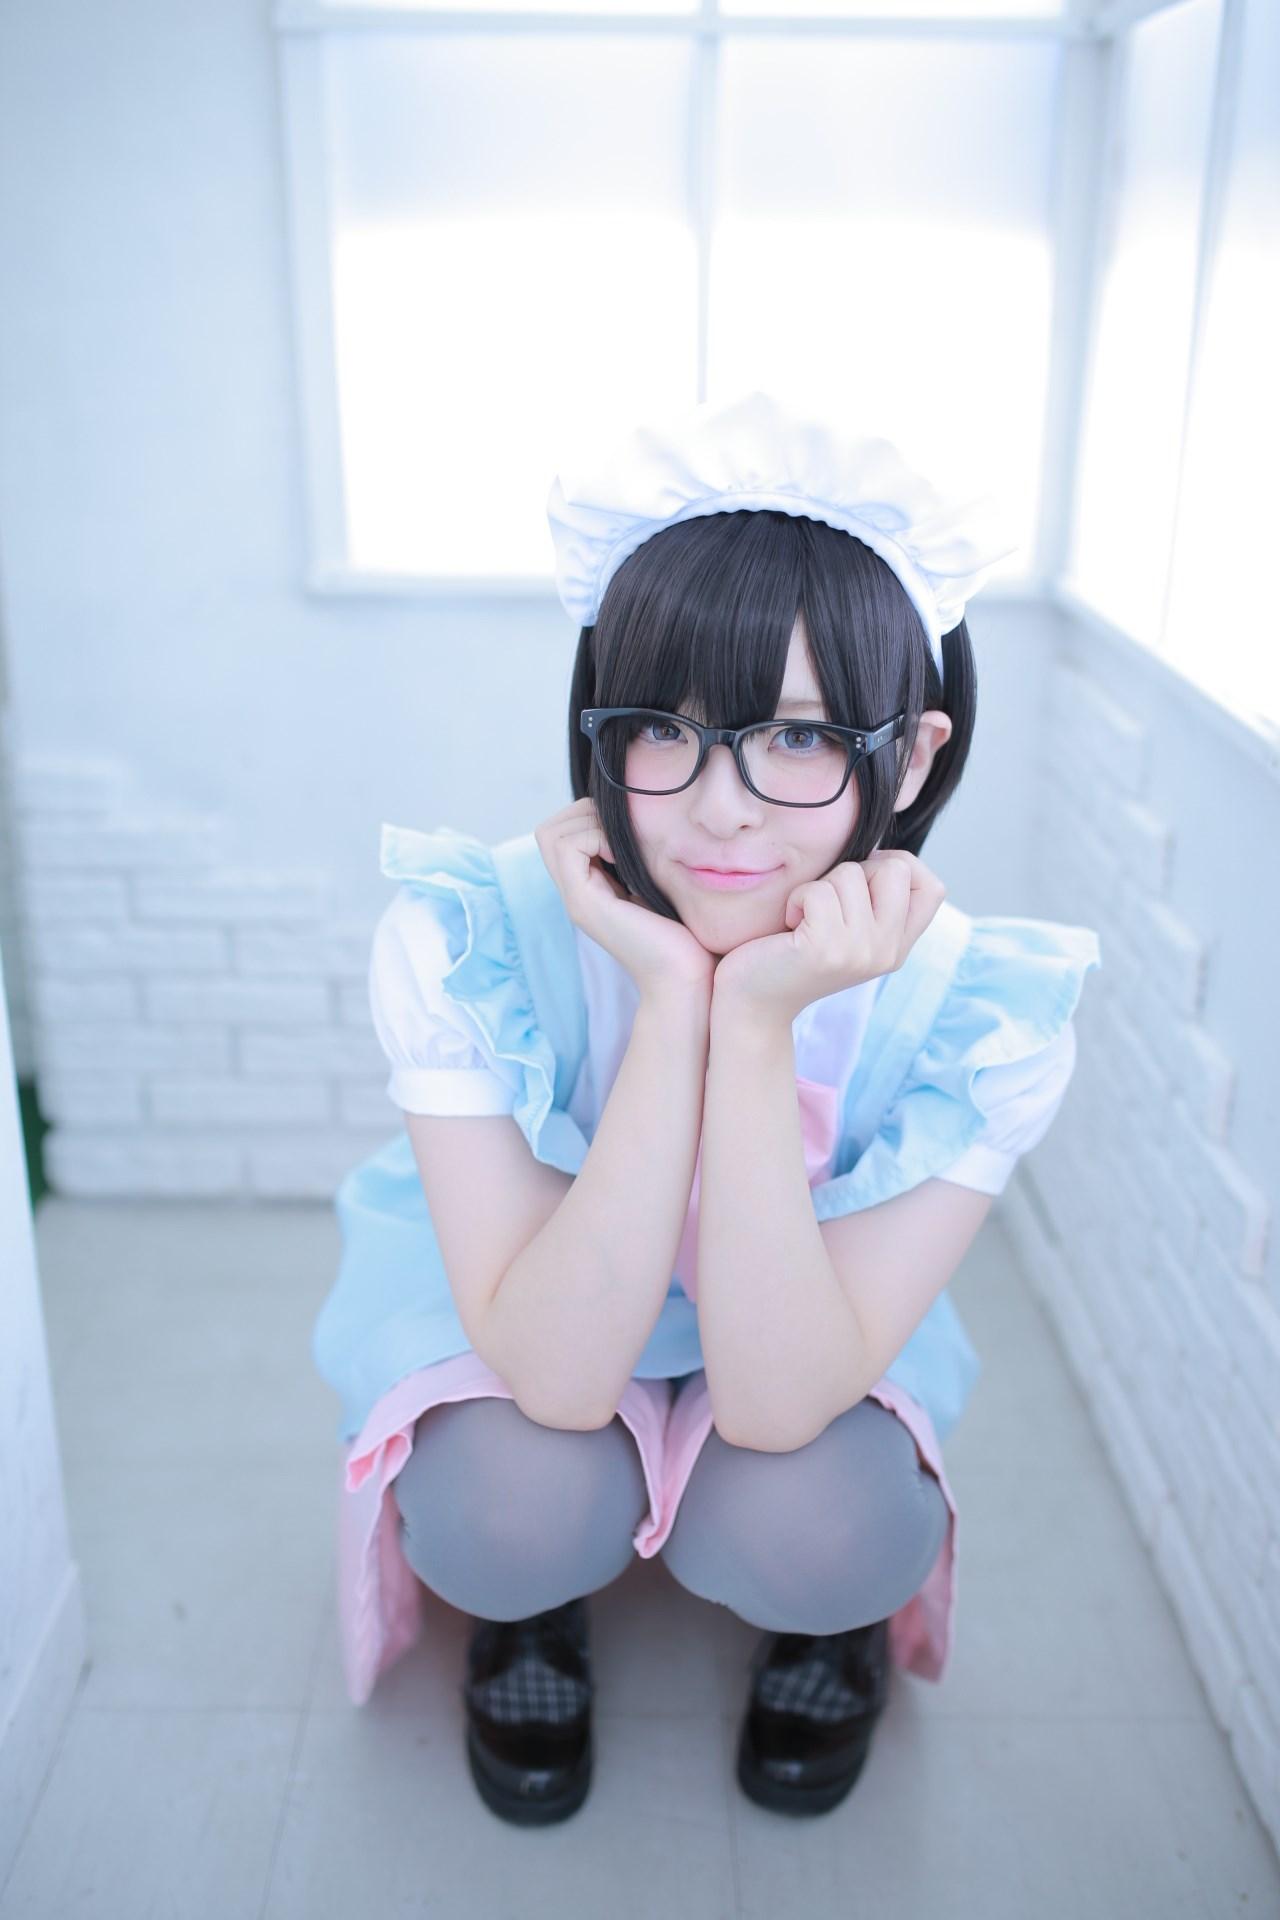 【兔玩映画】眼镜女仆 兔玩映画 第62张